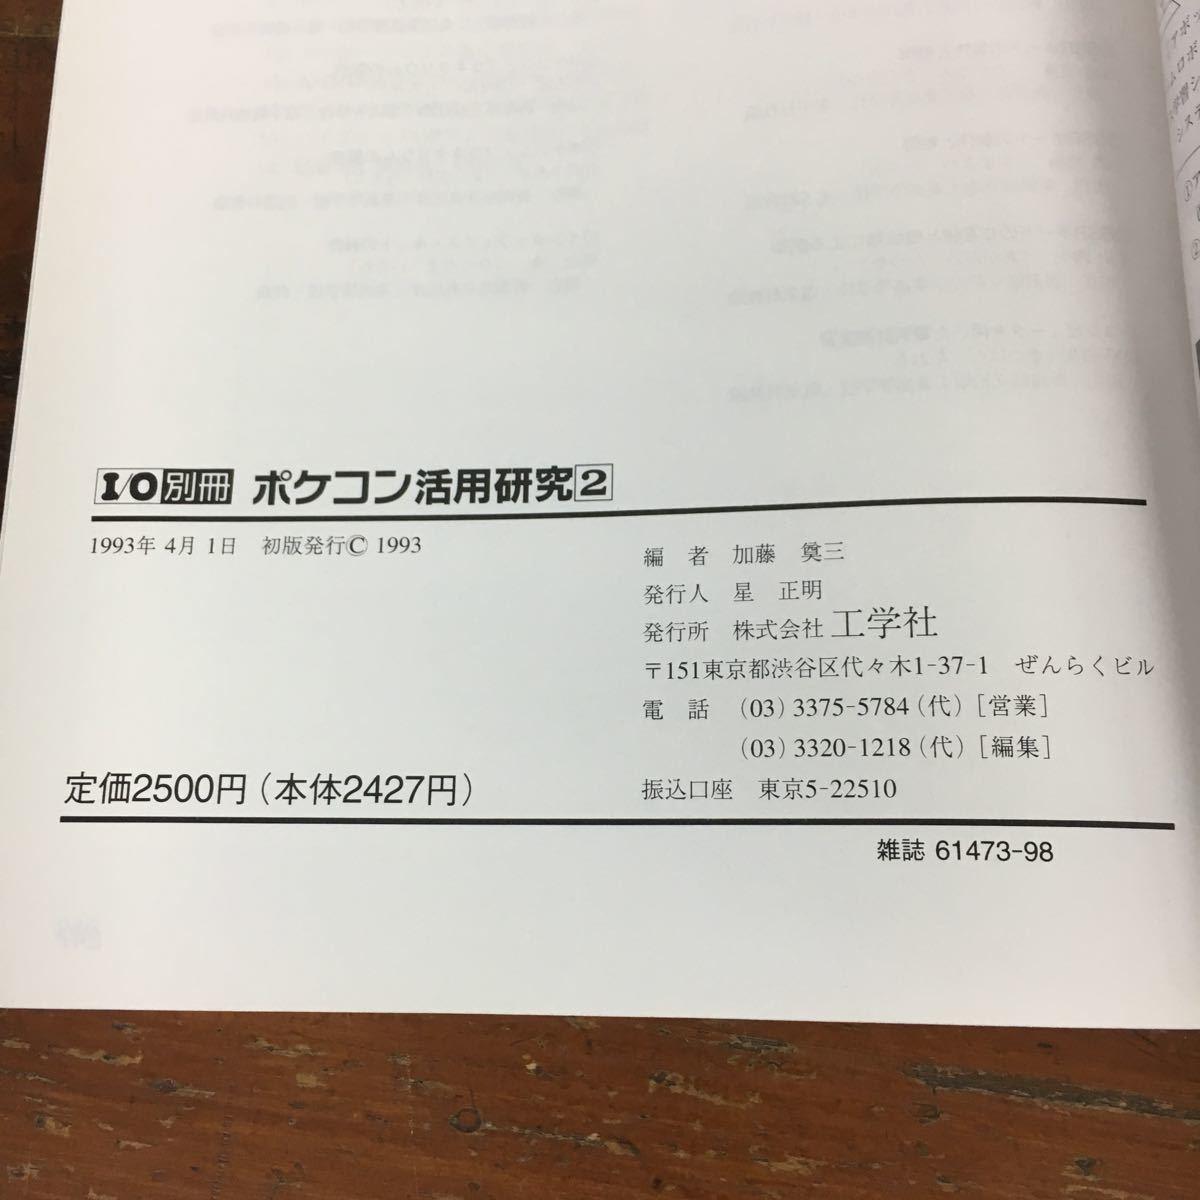 ポケットコンピュータ ポケコン 活用研究 2 工学社 1993年4月1日 初版_画像3